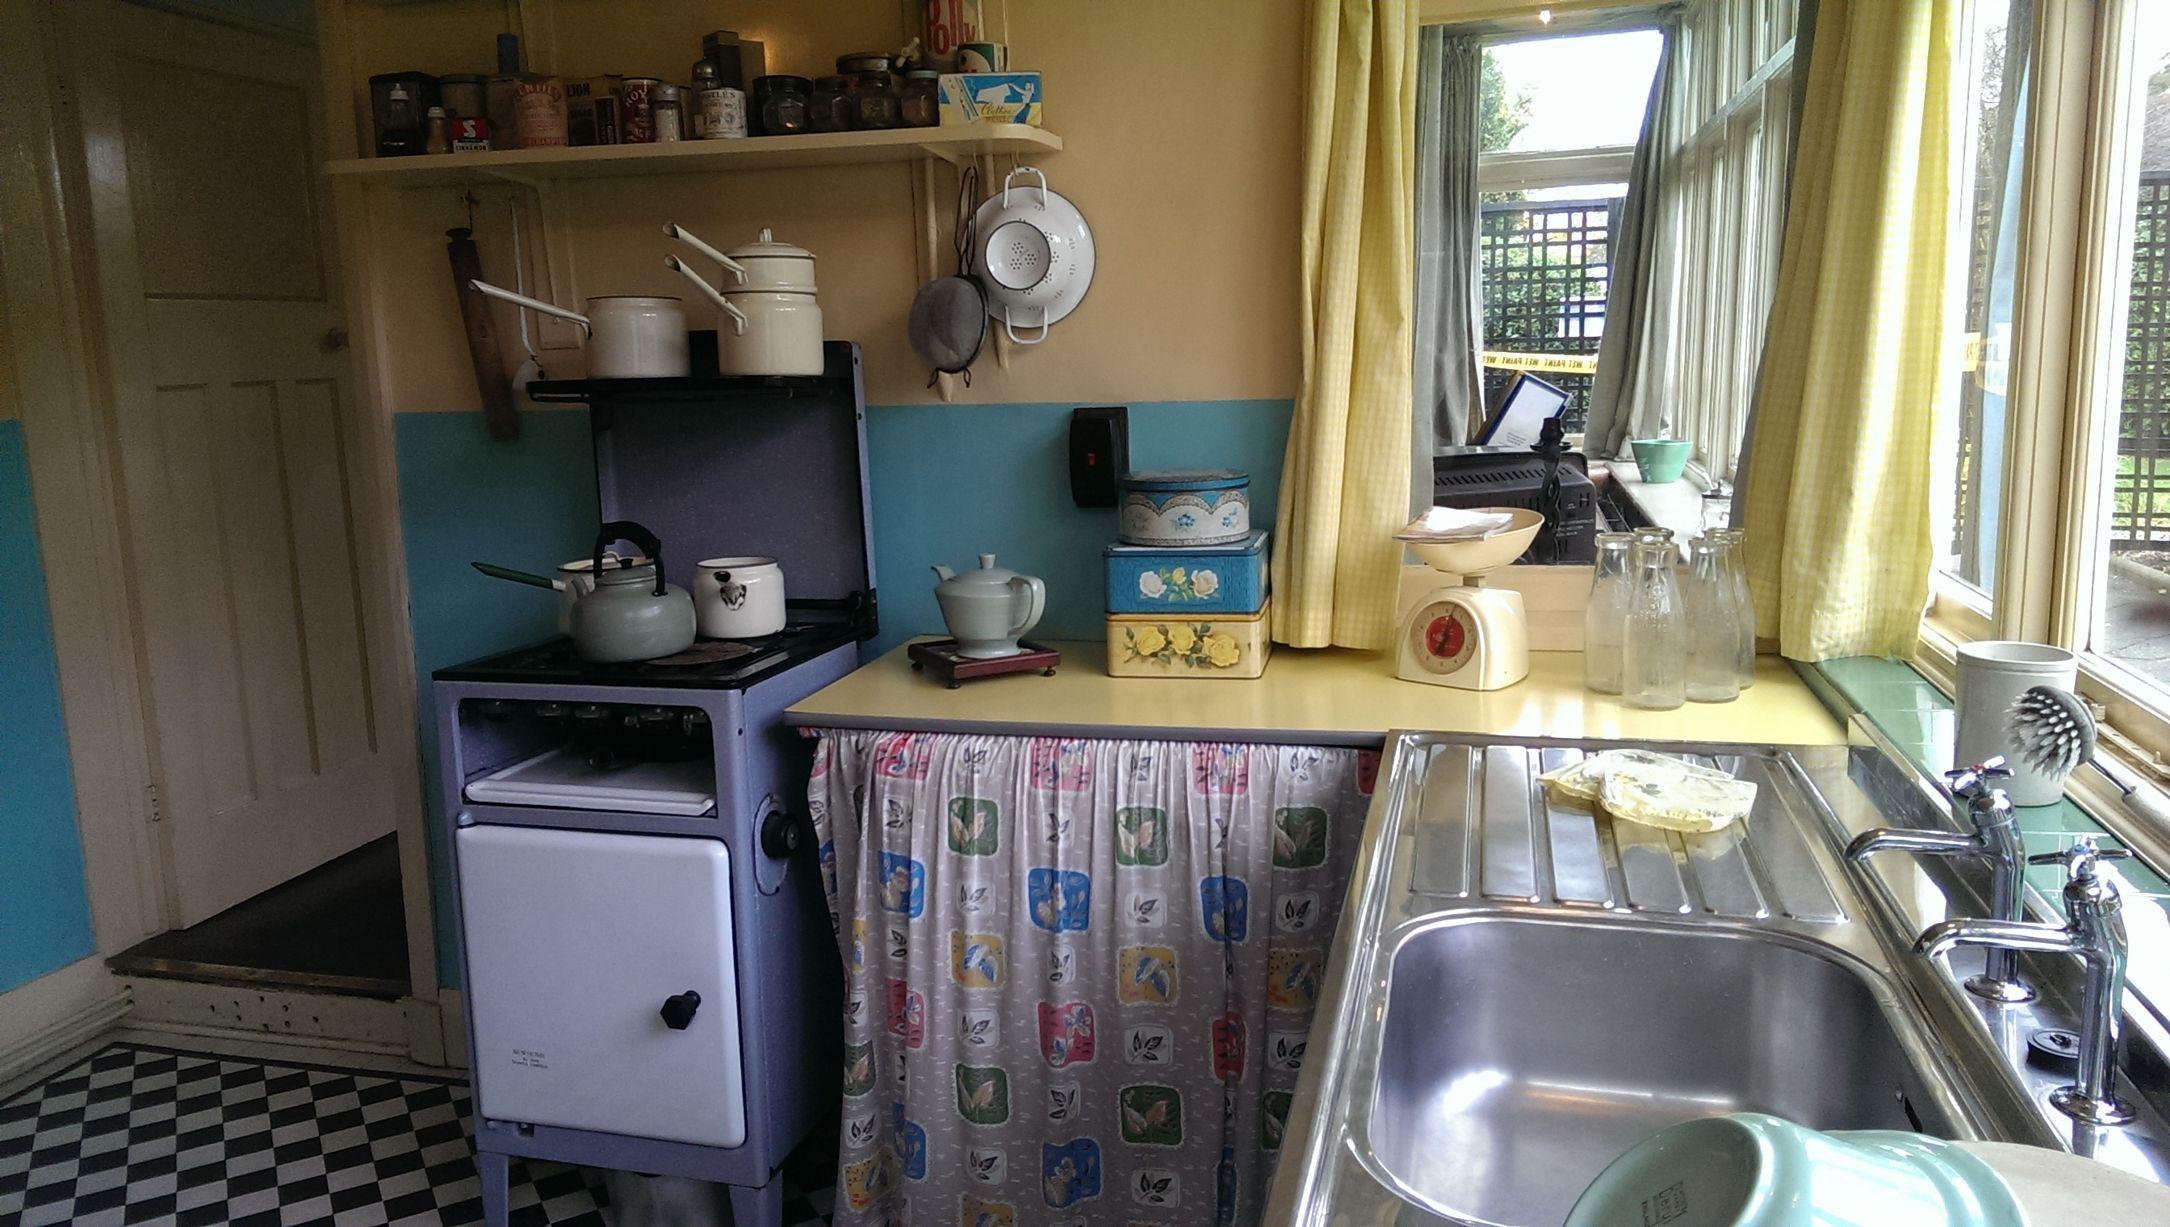 Kitchen And John Lennon S Home Mendips John Lennon Paul Mccartney Lennon And Mccartney John Lennon Beatles